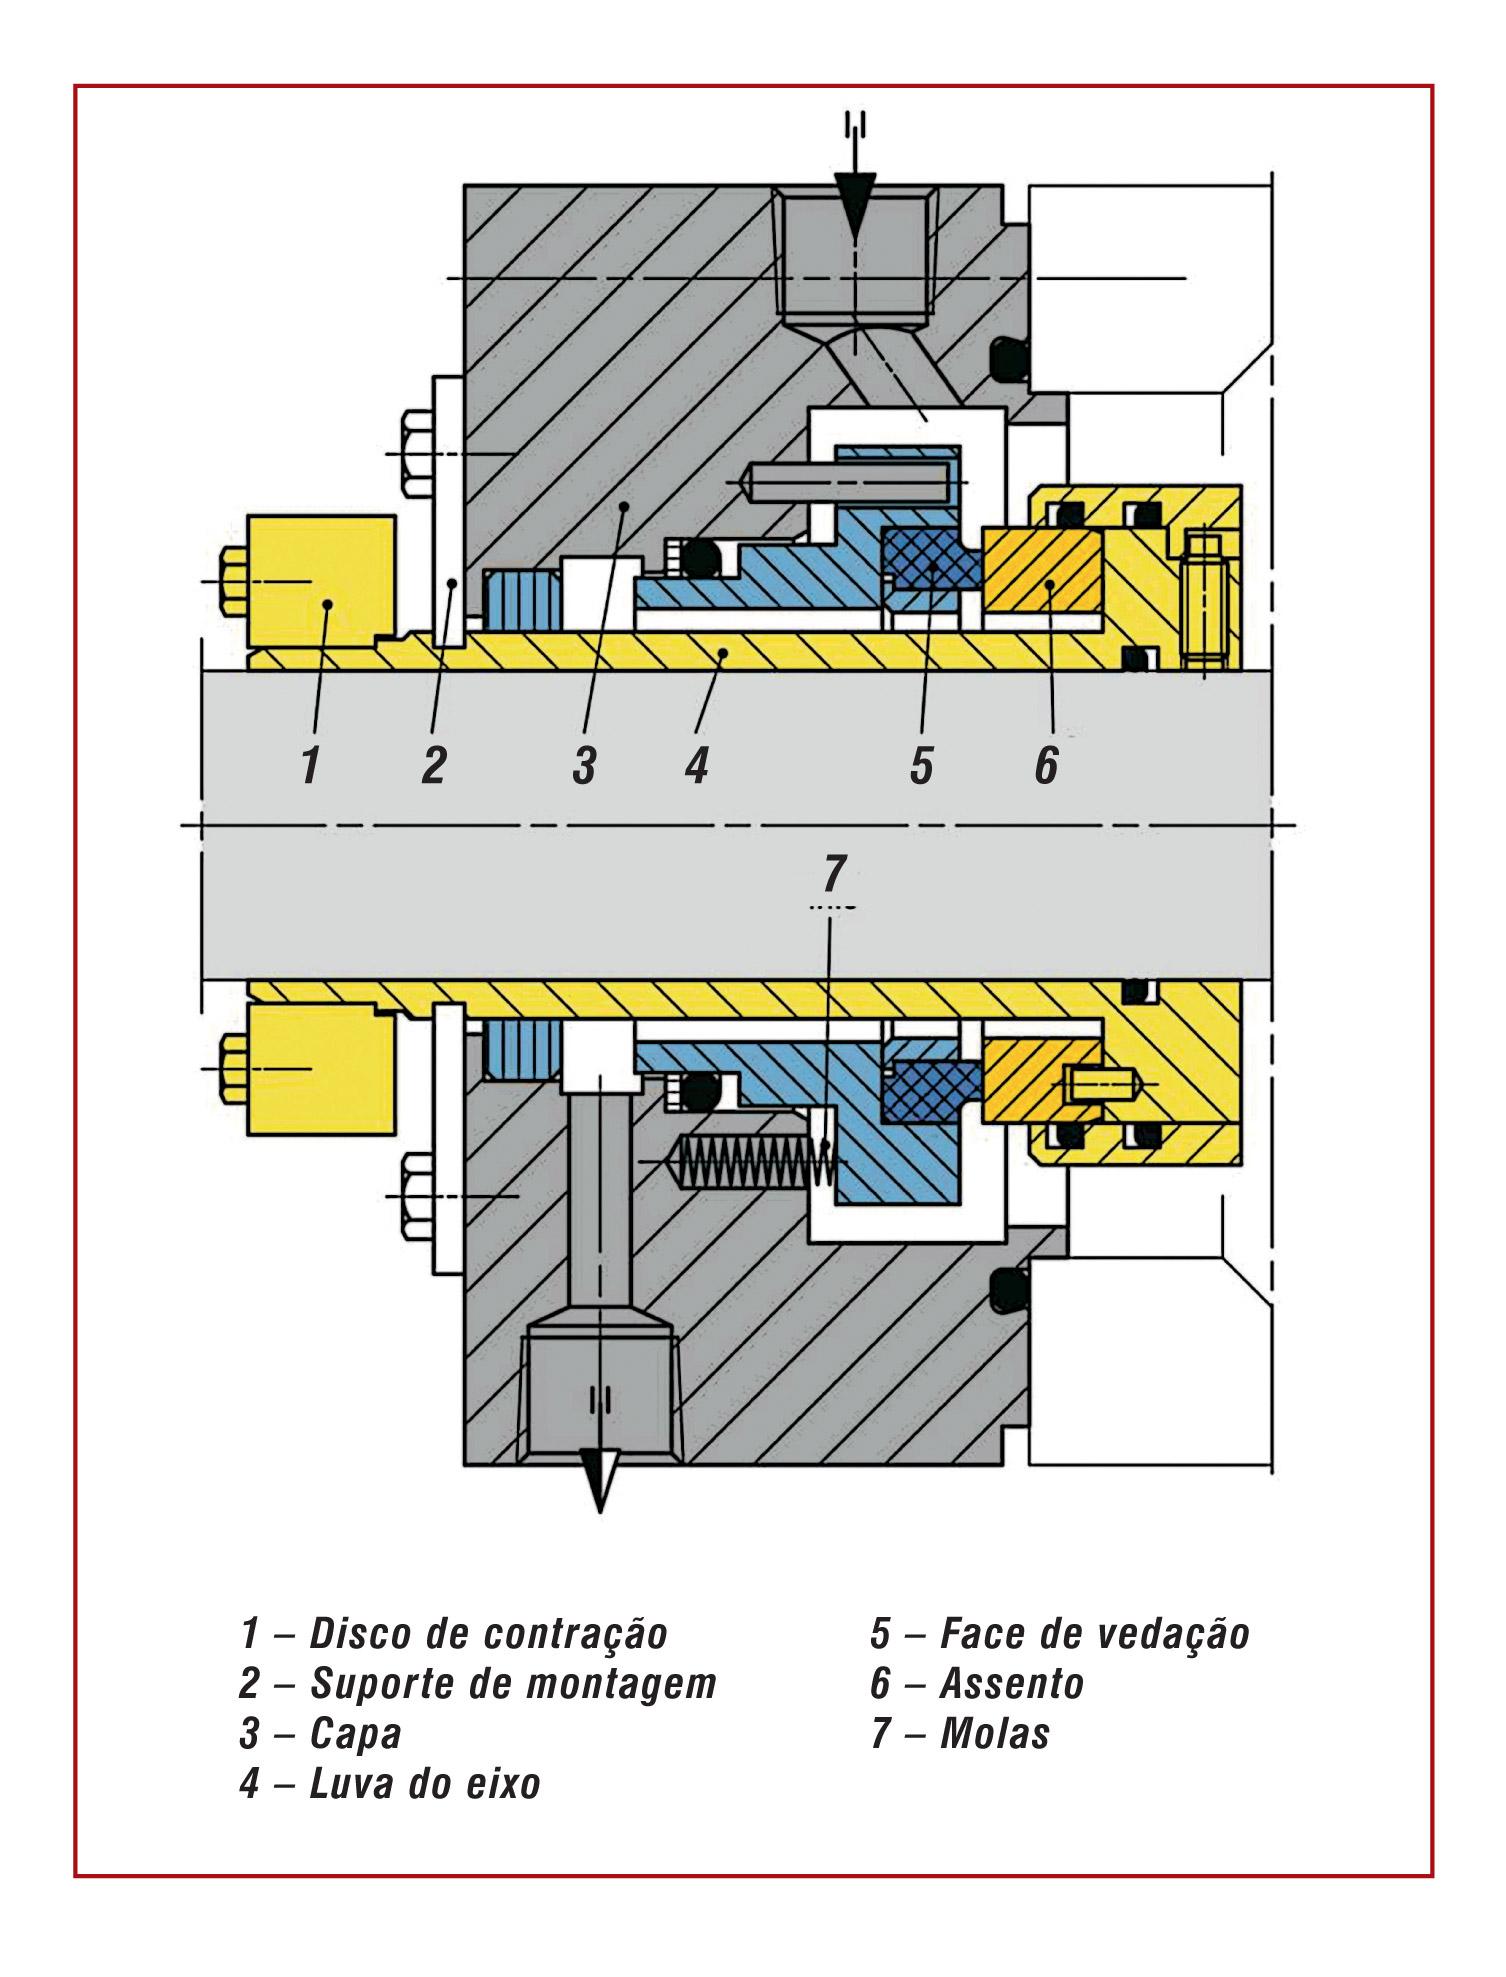 Química e Derivados, Artigo Técnico: Selos duplos lubrificados por líquido melhoram a estabilidade em bombas de alta velocidade das linhas de ácido tereftálico purificado (PTA)